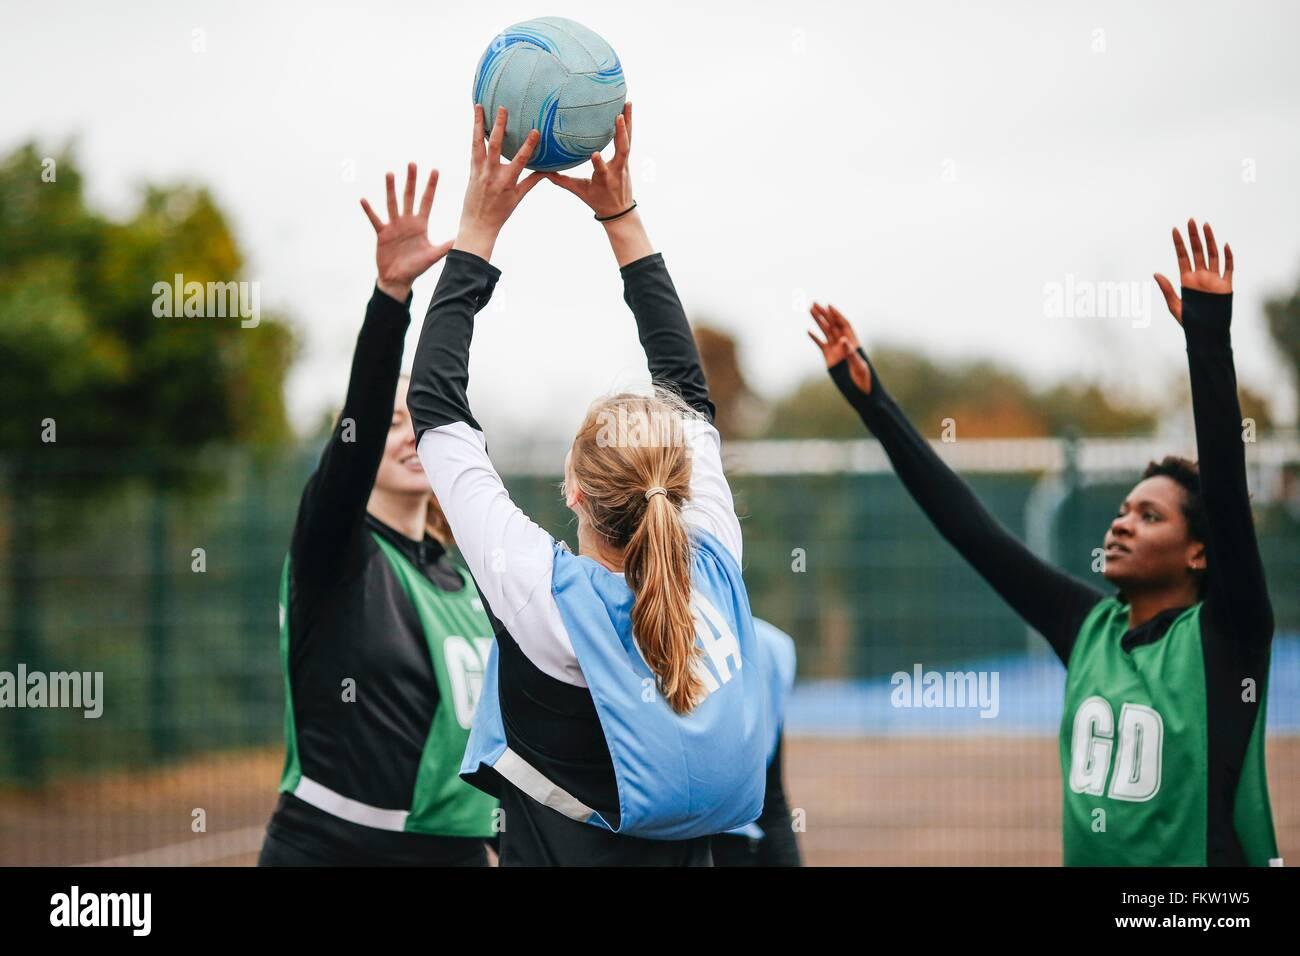 Les équipes netball netball lancer balle sur cour Photo Stock